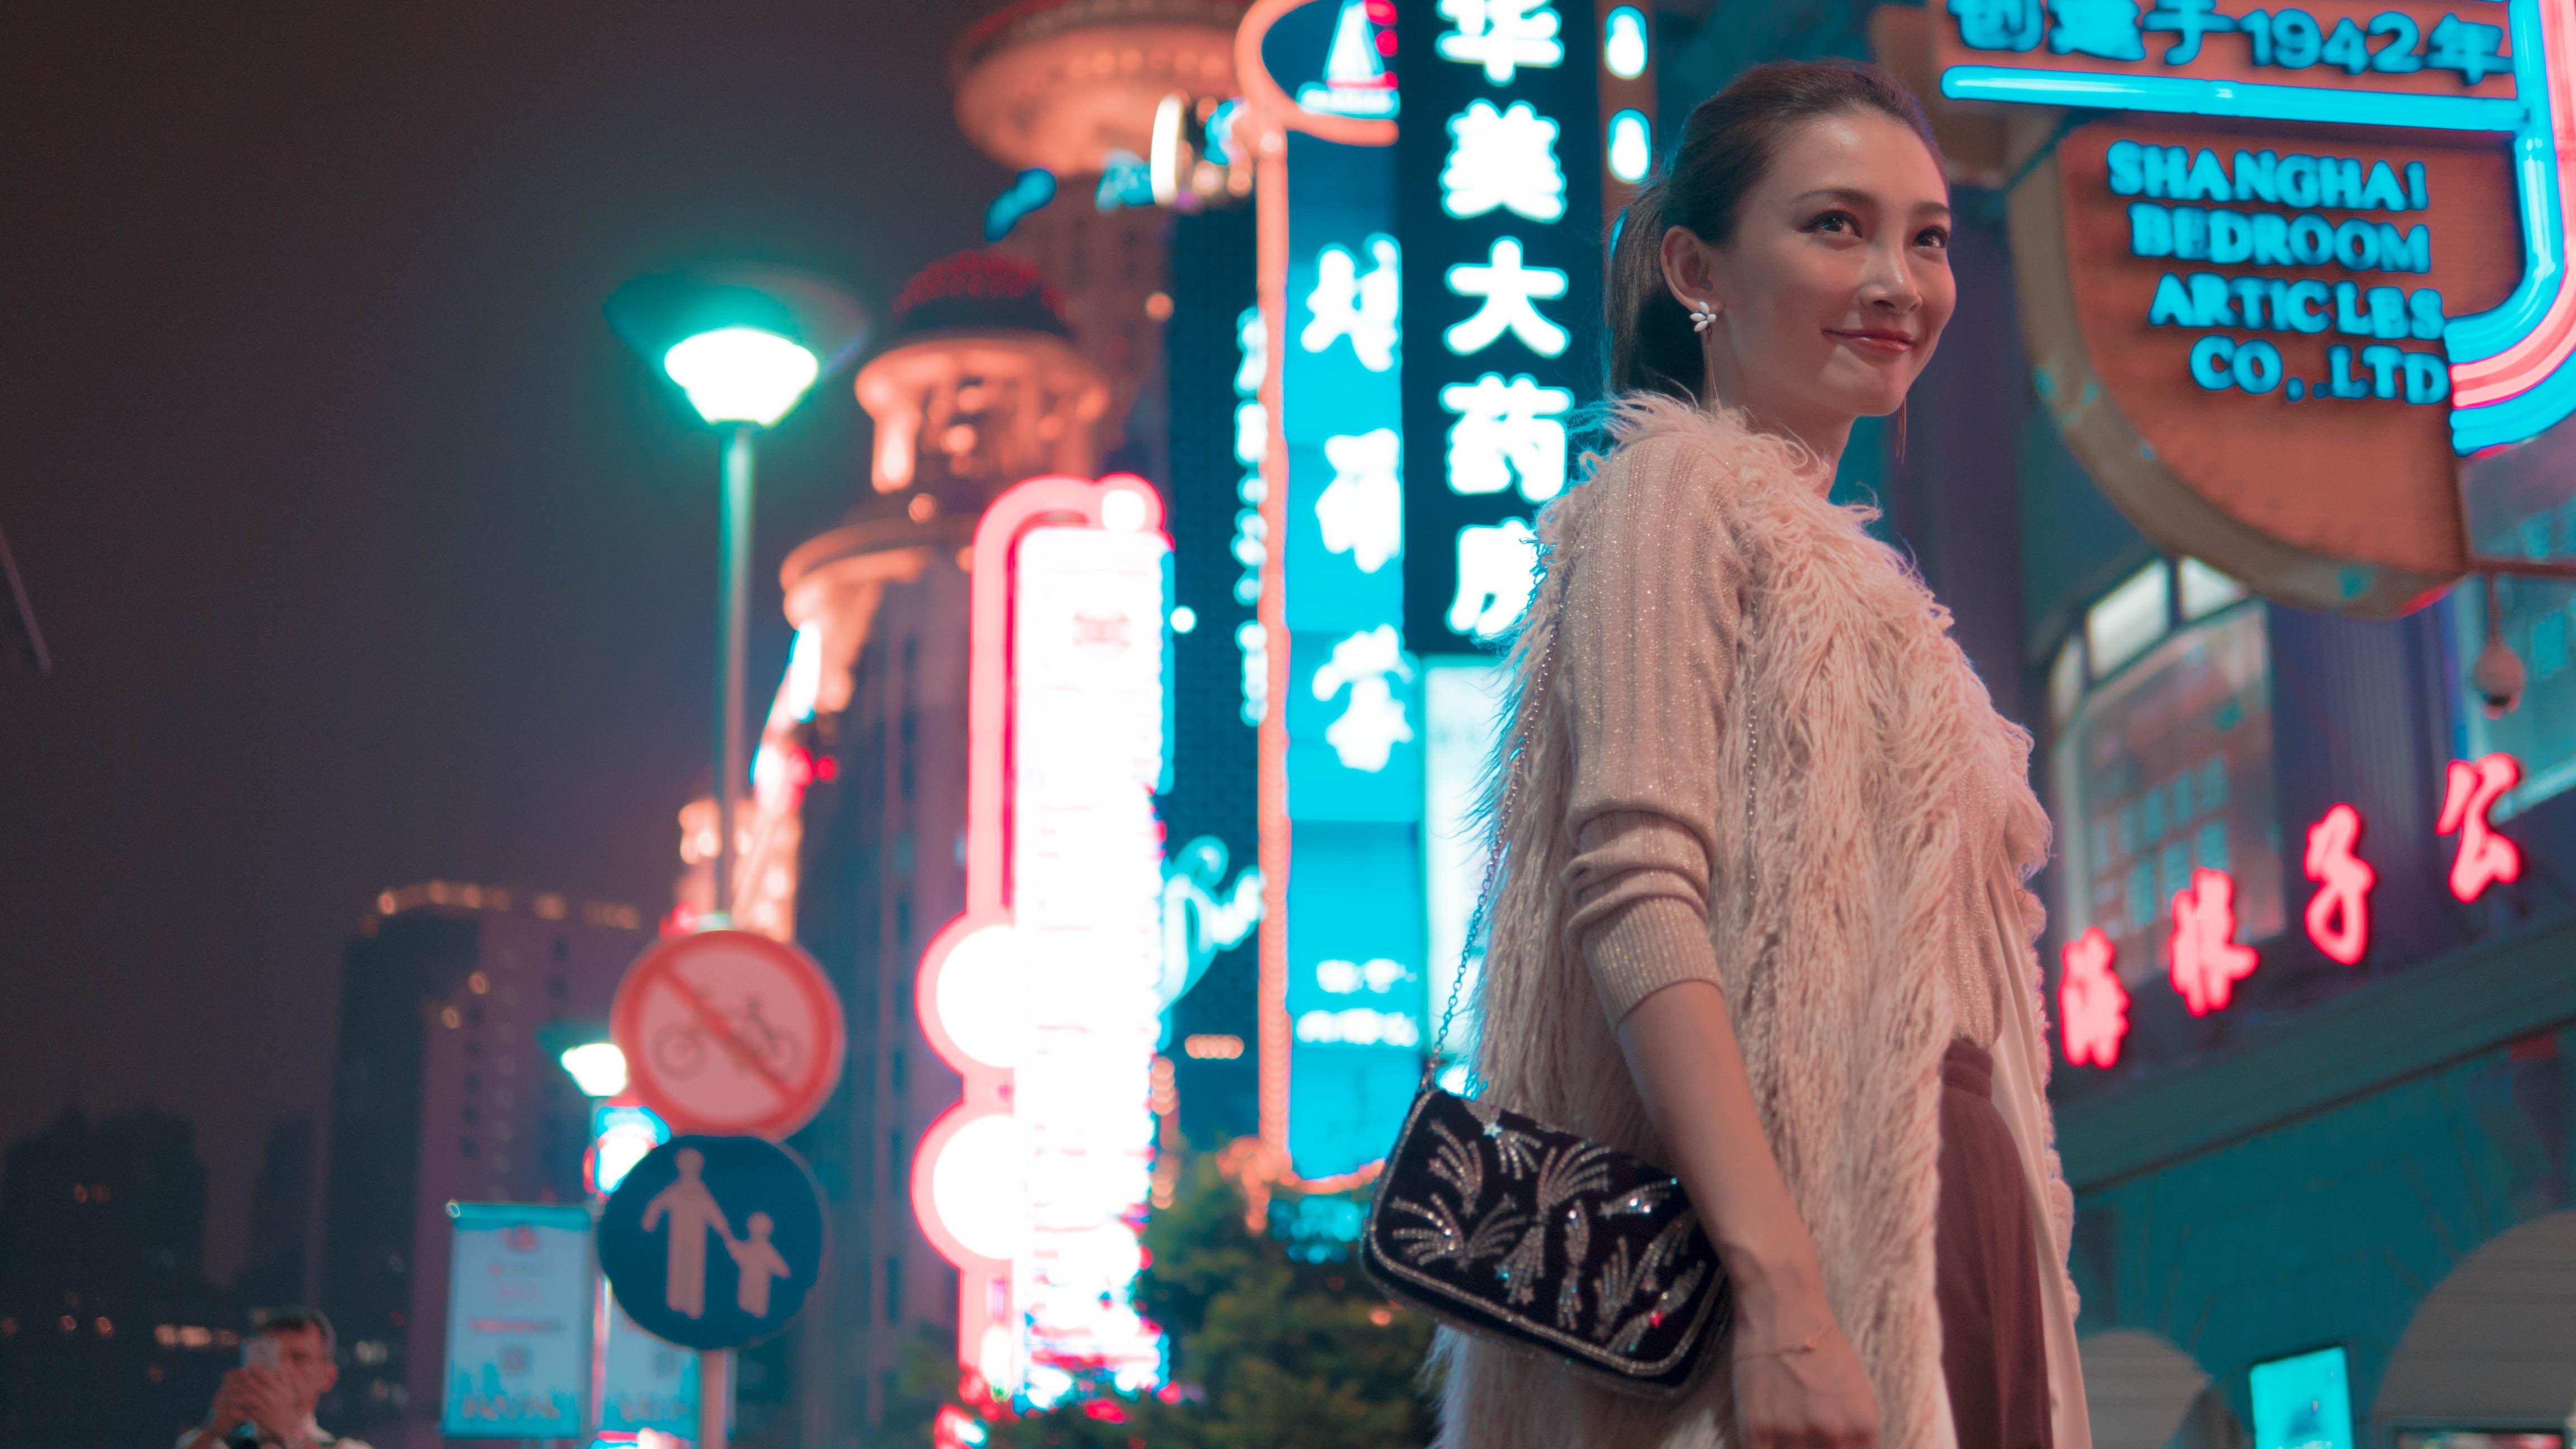 夜遊びにぴったりのファーベストで旅の気分を盛り上げて【上海・南京路編】